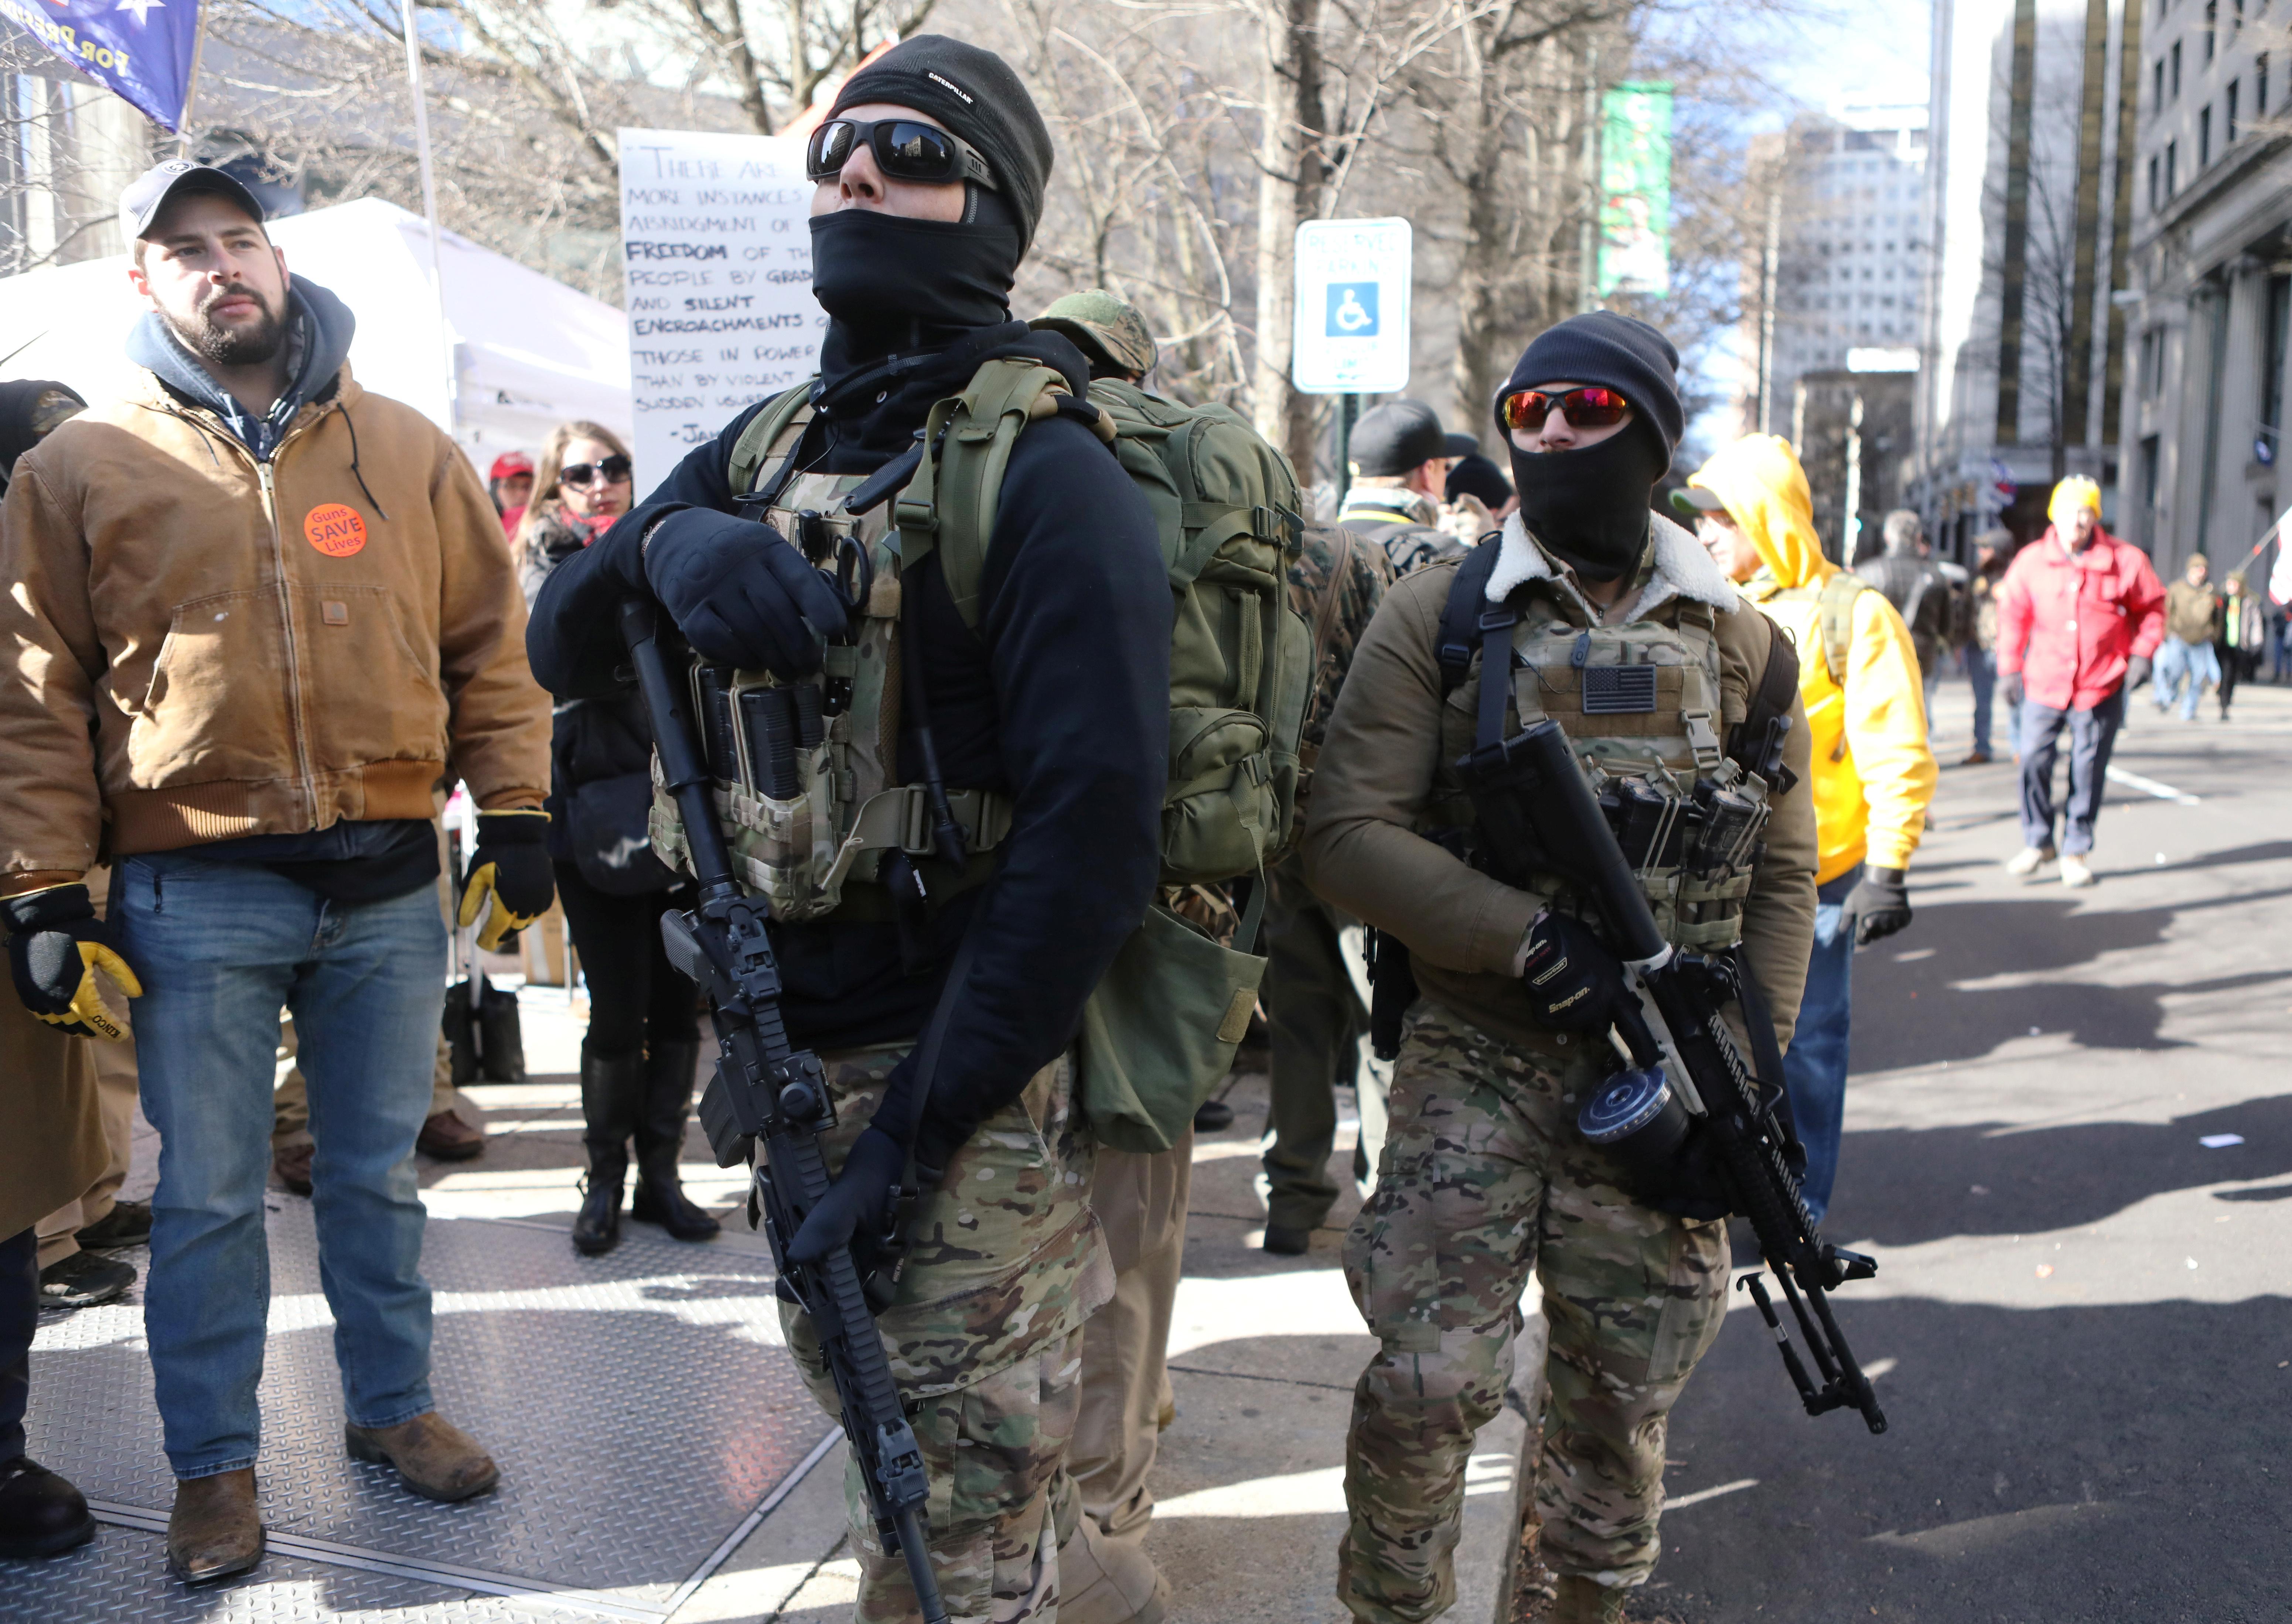 Estos dos hombres llevan los rostros cubiertos, y portan fusiles de la familia del AR-15 (REUTERS/Jim Urquhart)